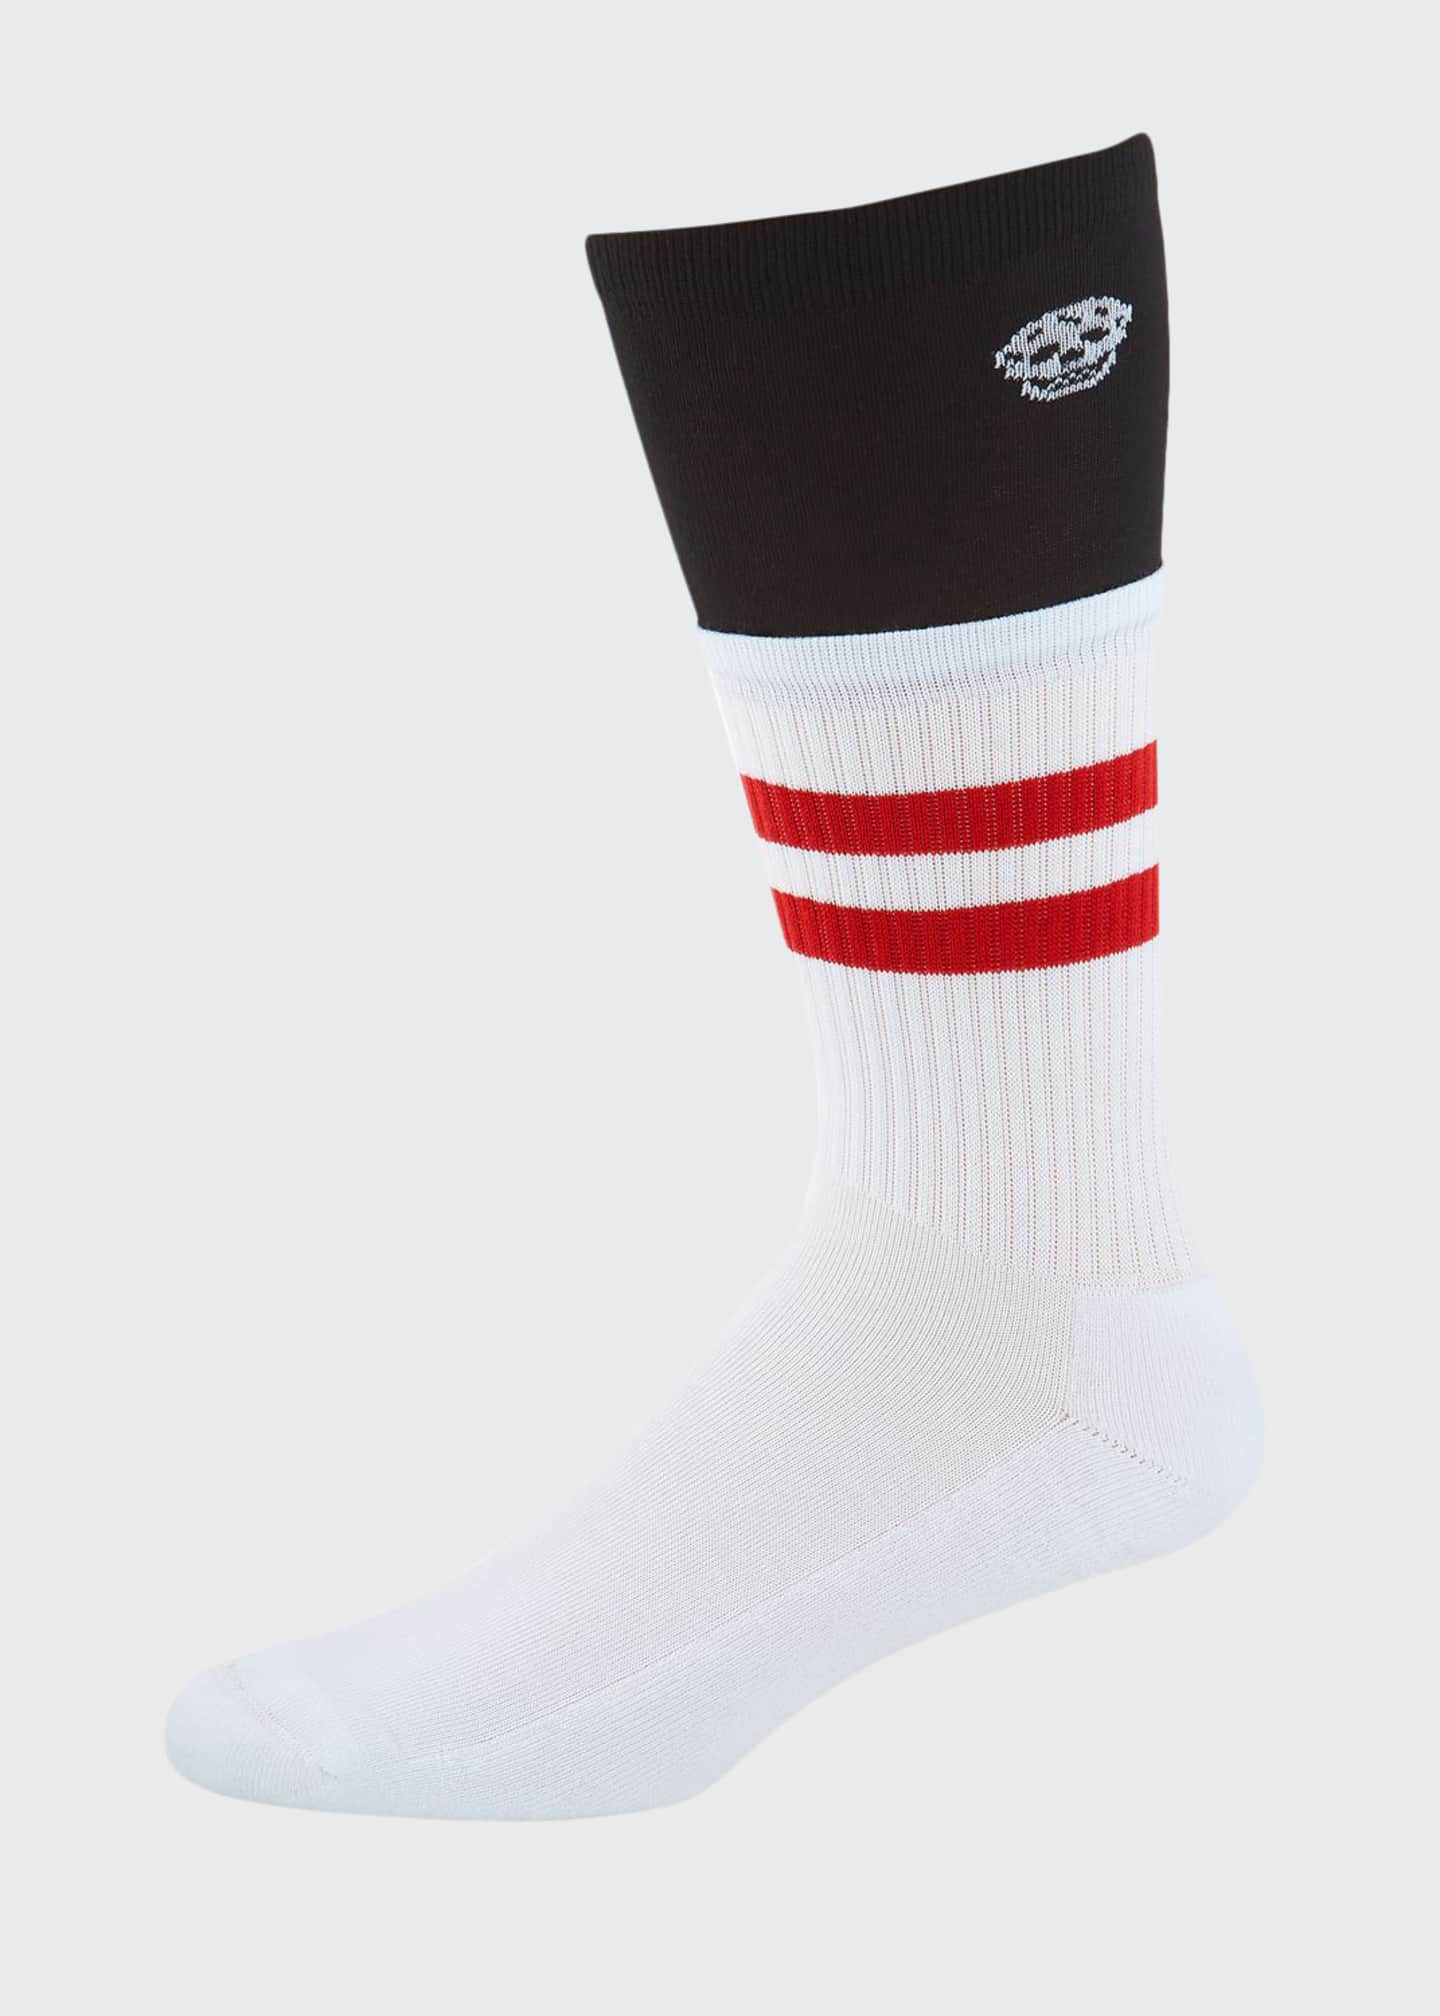 Alexander McQueen Men's Trompe l'Oeil Socks